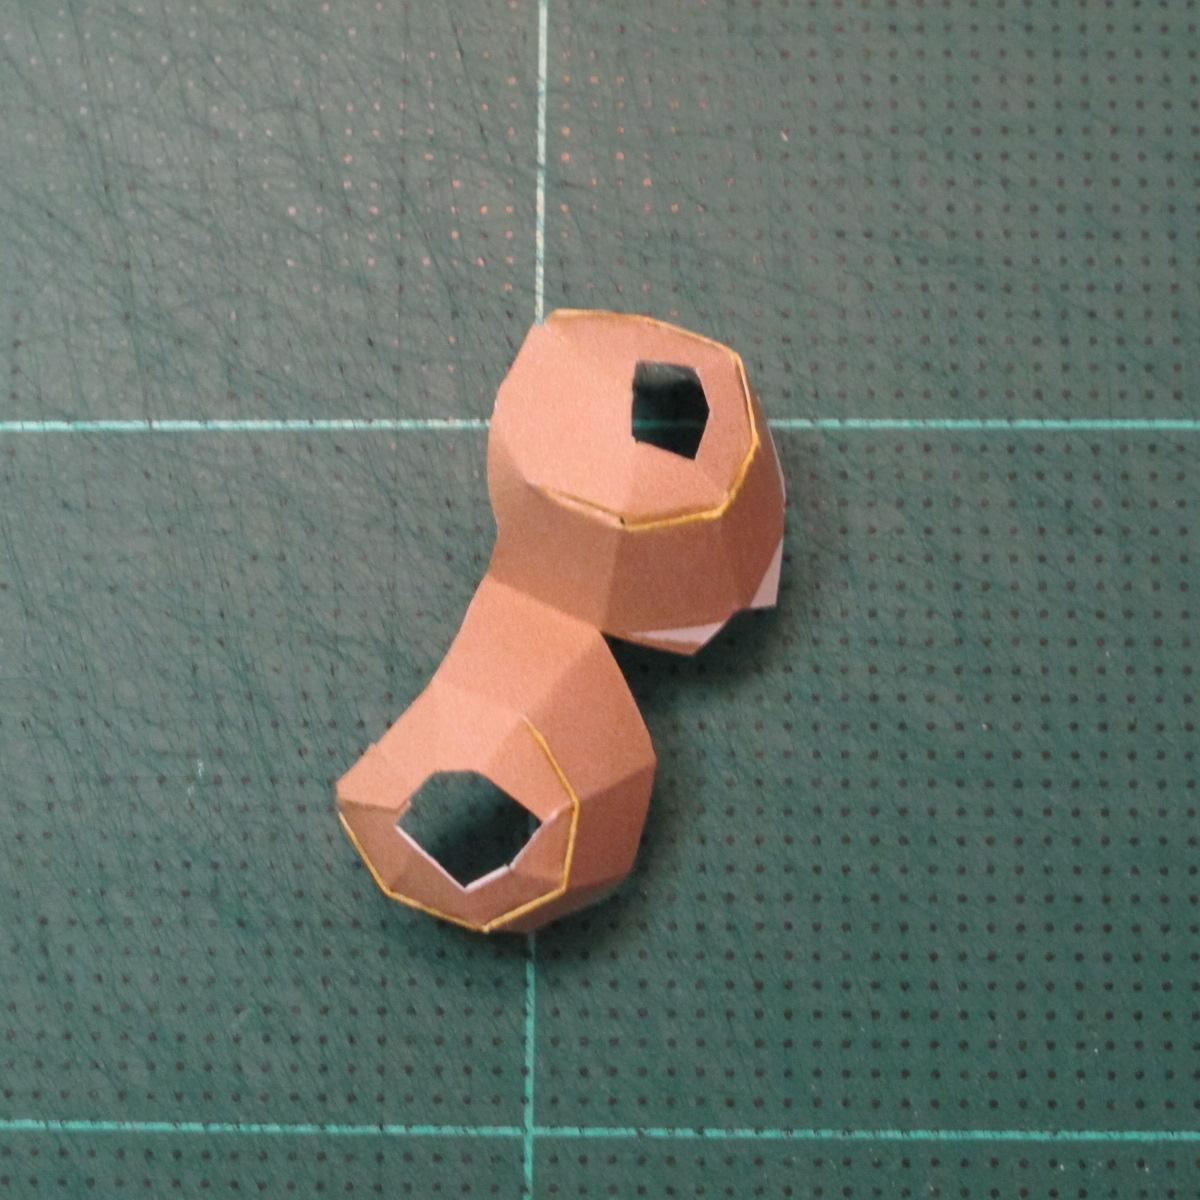 วิธีทำโมเดลกระดาษของเล่นคุกกี้รัน คุกกี้รสพ่อมด (Cookie Run Wizard Cookie Papercraft Model) 019